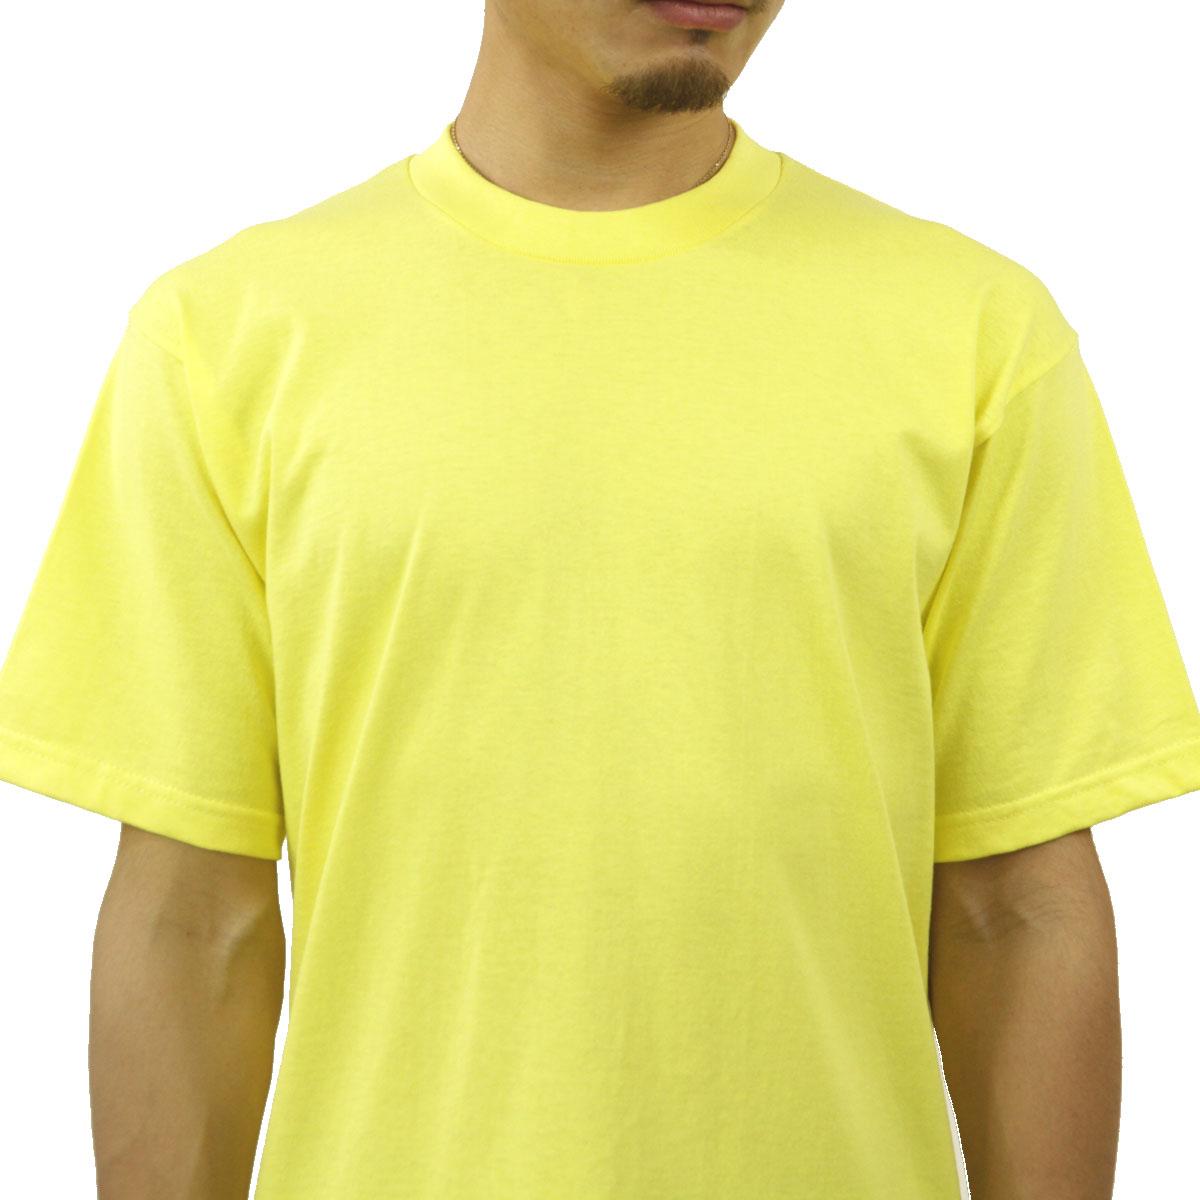 プロクラブ Tシャツ メンズ 正規販売店 PROCLUB 半袖Tシャツ クルーネックTシャツ HEAVY WEIGHT COTTON SHORT SLEEVE CREW NECK T-SHIRT YELLOW #101 AB6B B1C C1D D1E E12F